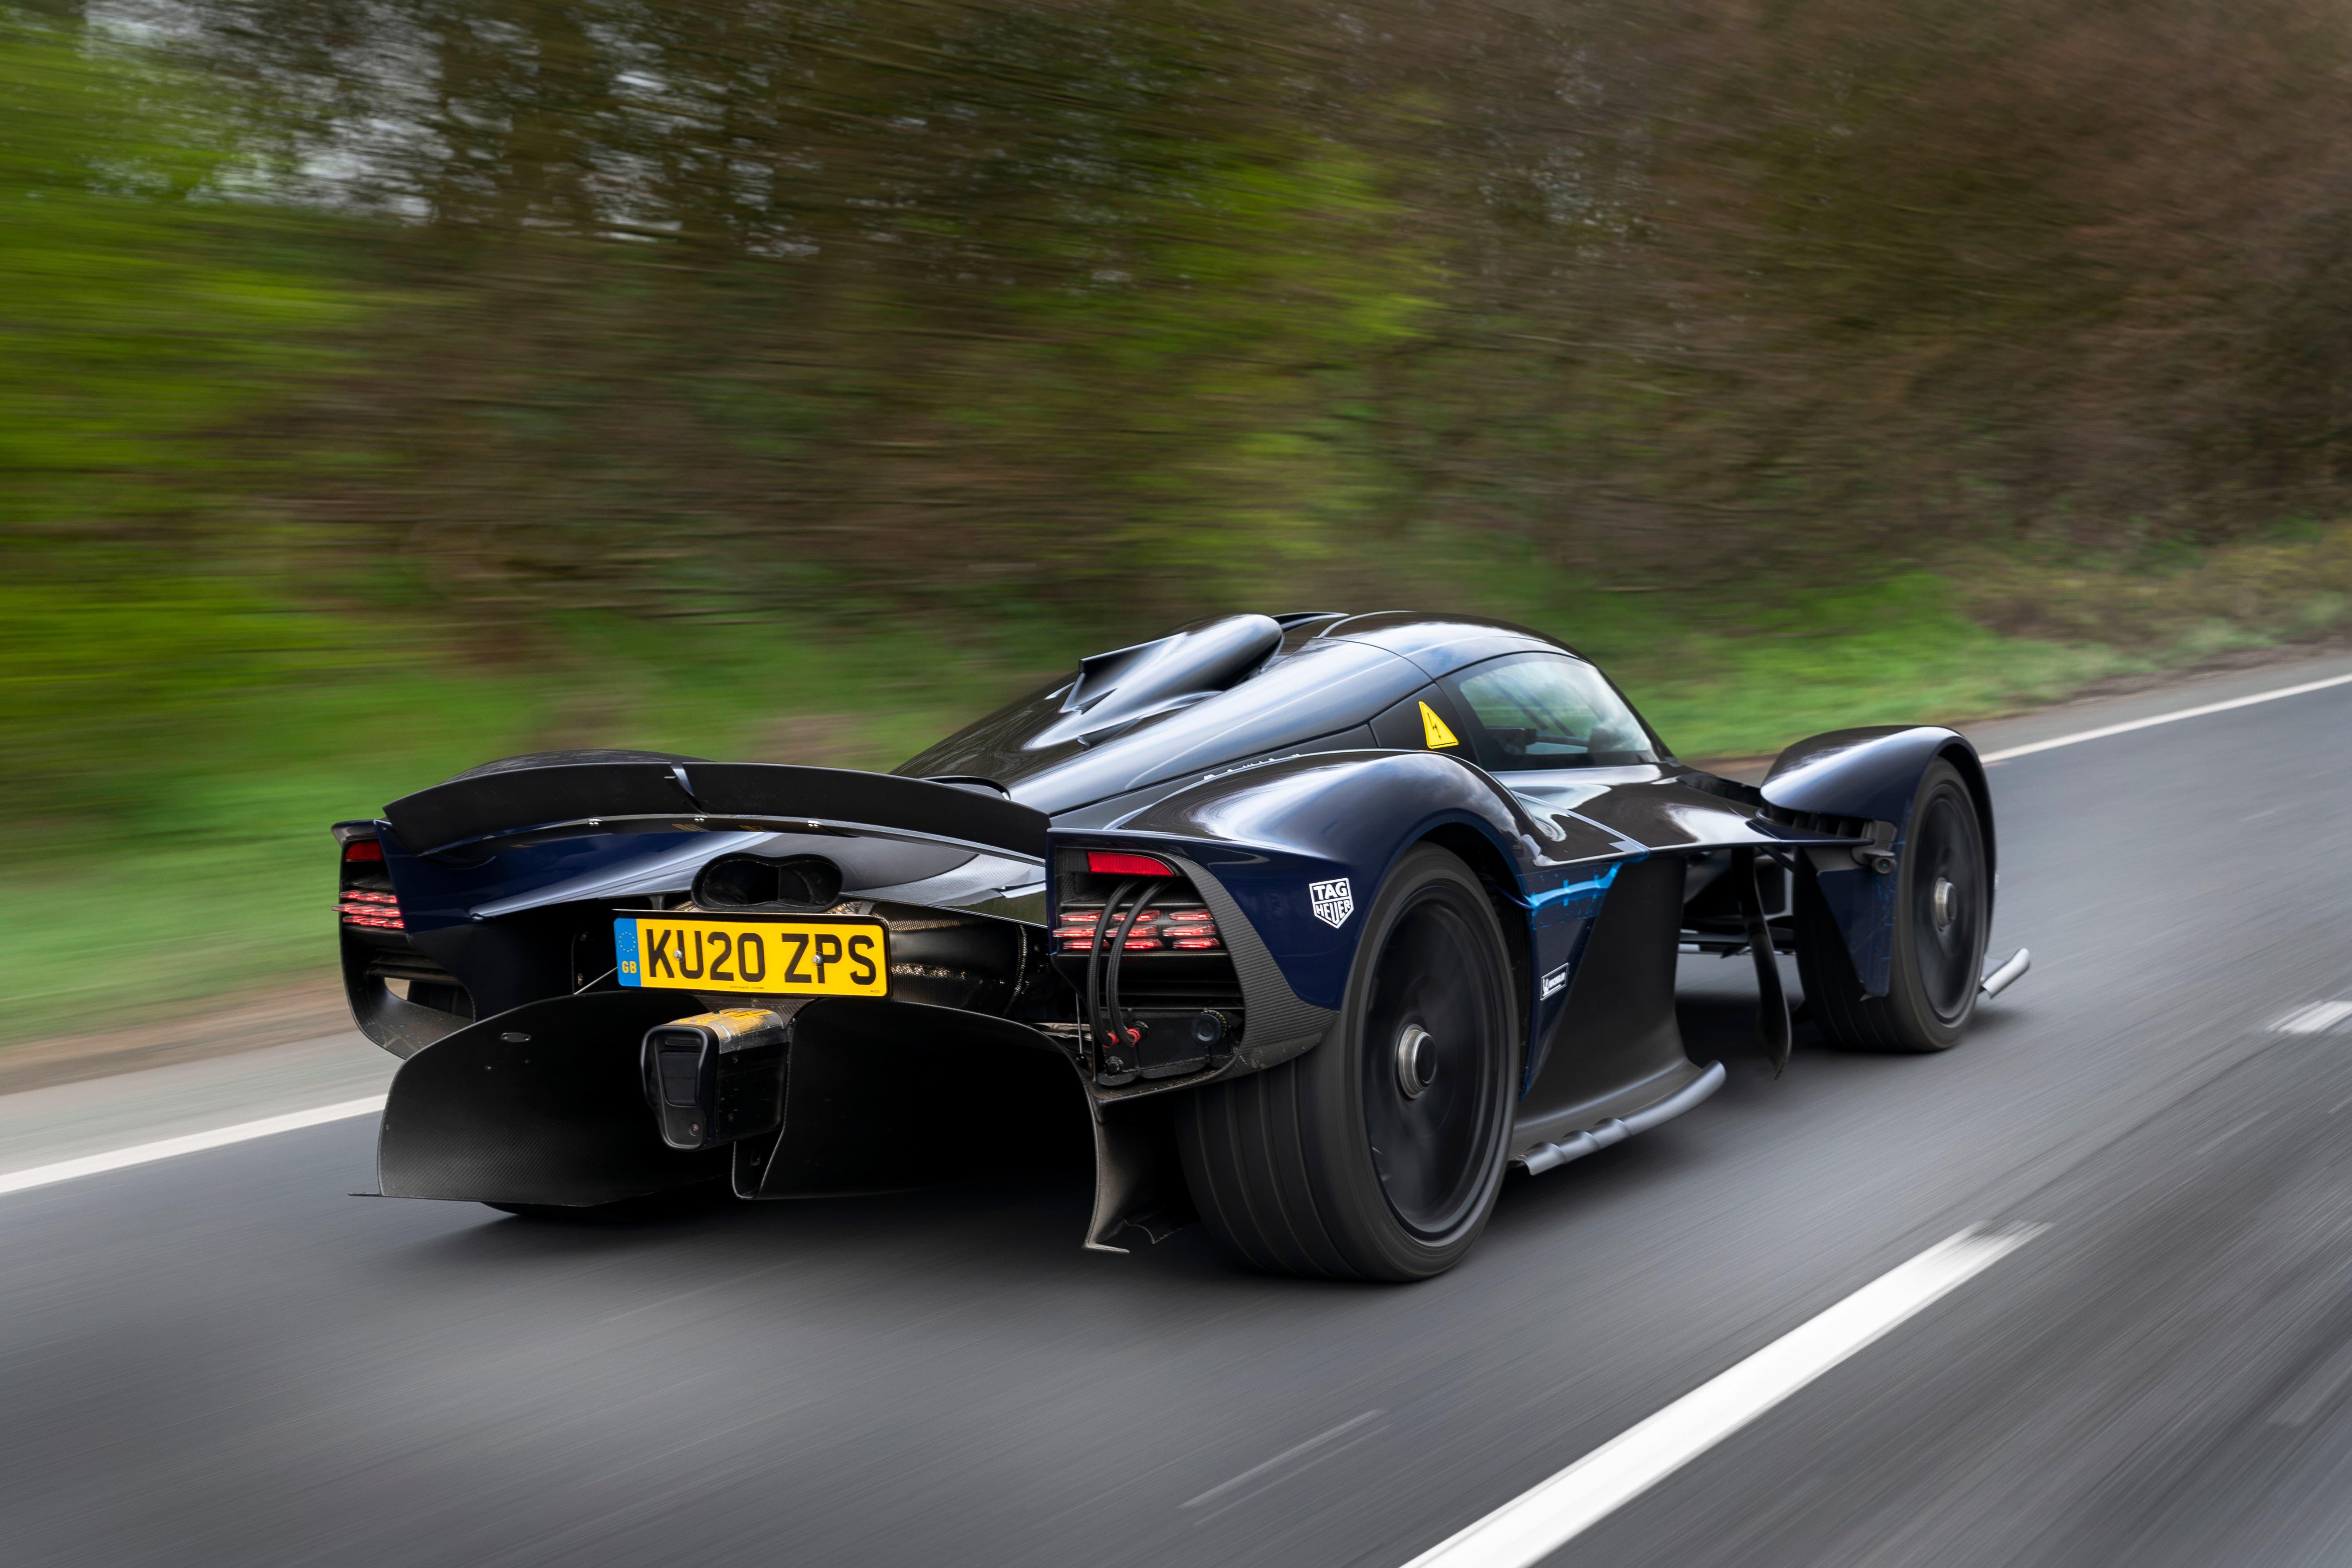 """Tatsächlich schreit alles am Valkyrie nach Formel 1: Der """"Venturi-Tunnel"""" unter dem Auto sorgt für hohen Anpressdruck, das Chassis in Monocoque-Bauweise ist komplett aus Carbon. Ausserdem soll der Rennwagen mit einem Energierückgewinnungssystem ausgestattet sein, das ebenfalls aus der Formel 1 stammt."""